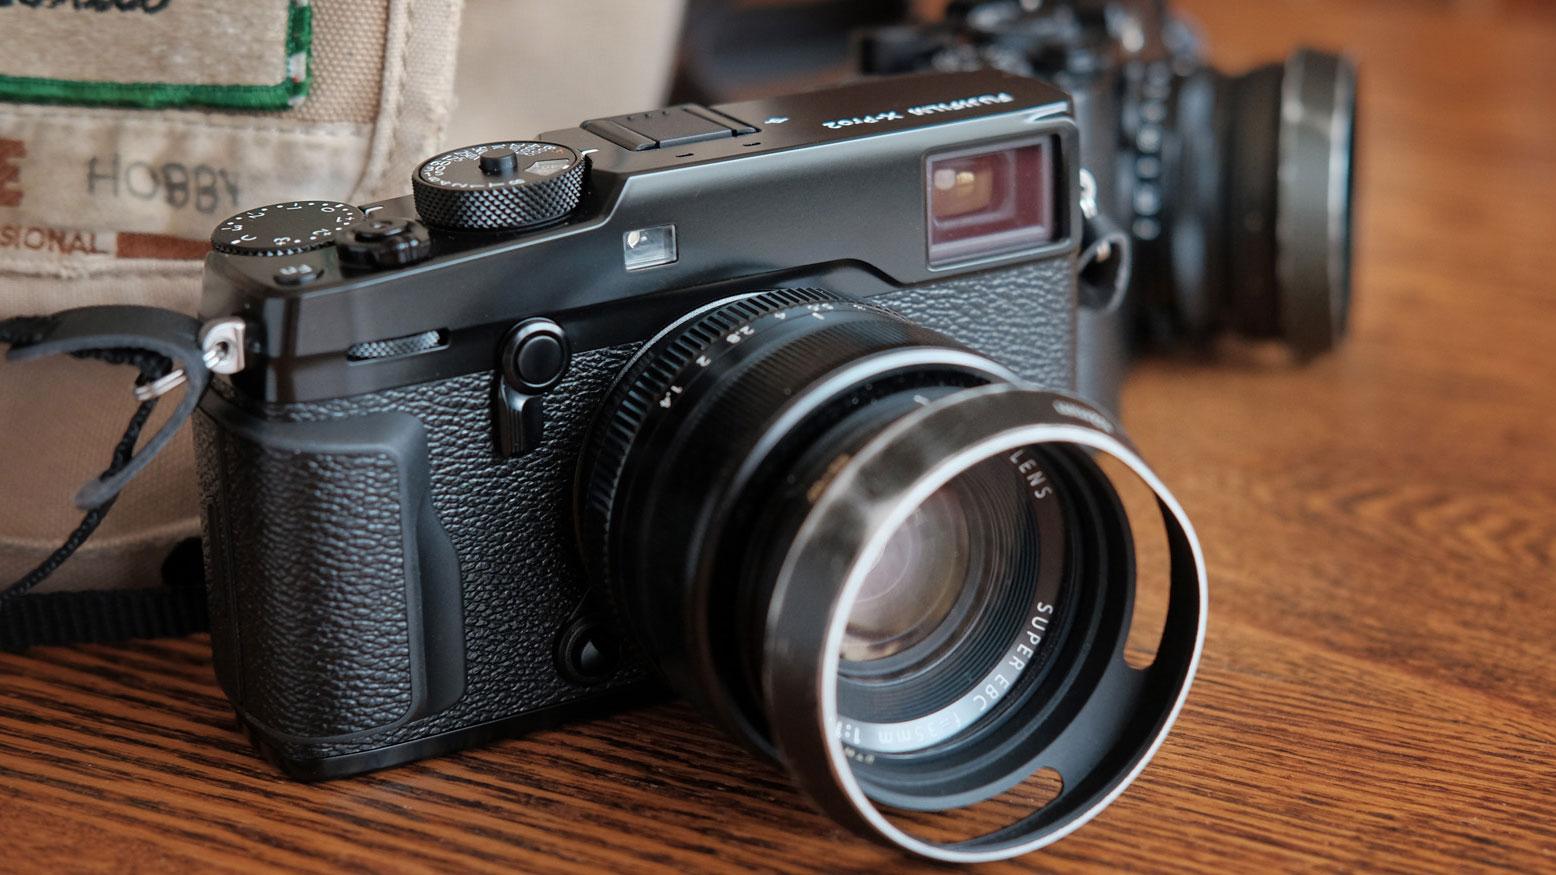 Fujifilm GFX 50s, X-T2, X-T20, X-Pro2, X100F sẽ có cập nhật lớn cuối năm nay